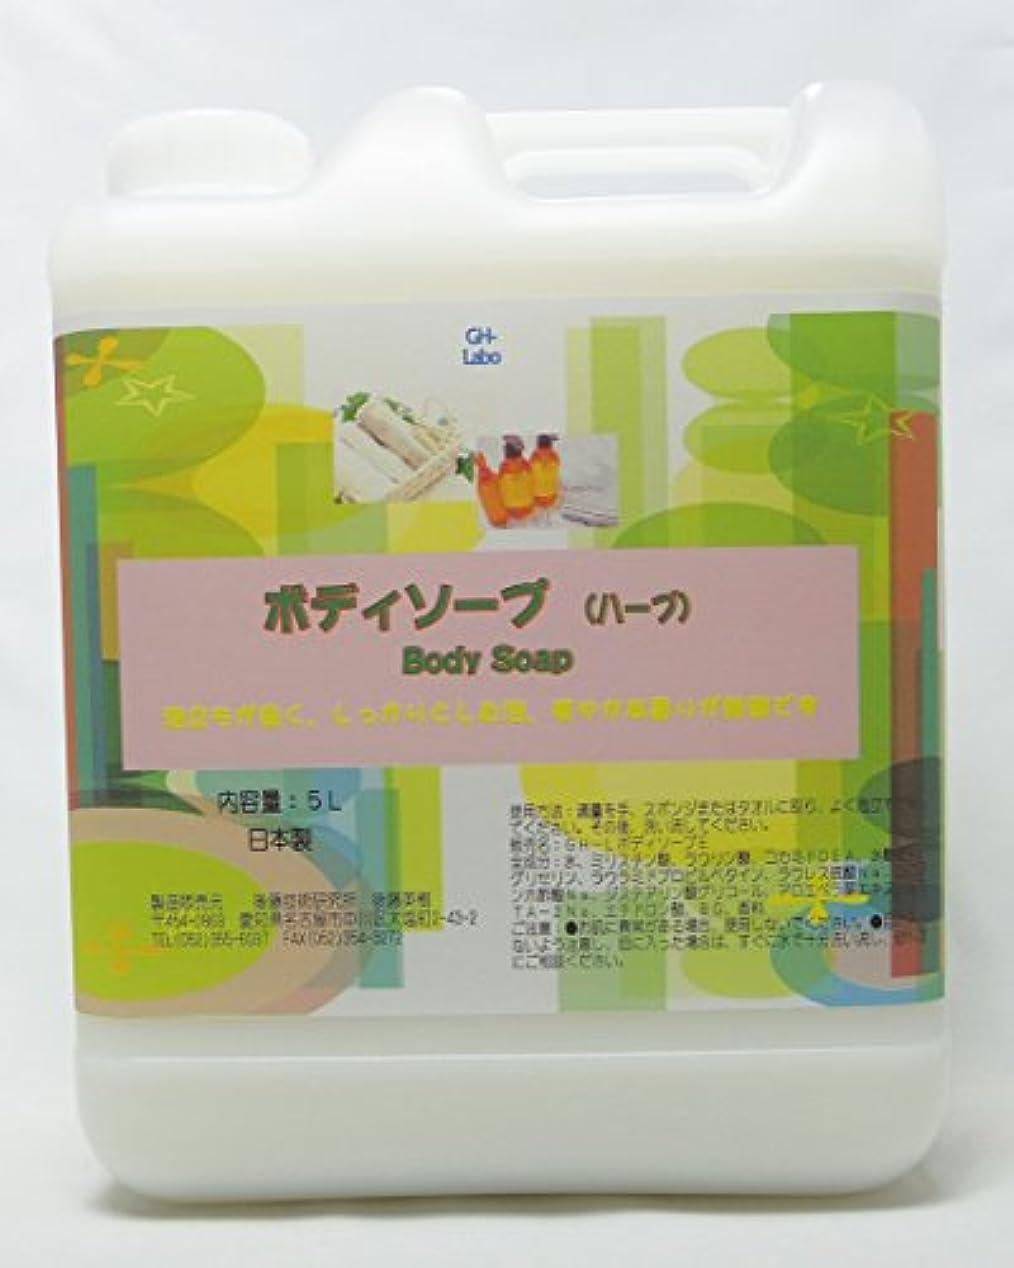 ゴミ箱きれいにブレースGH-Labo 業務用ボディソープ ハーブ(セージ)の香り 5L